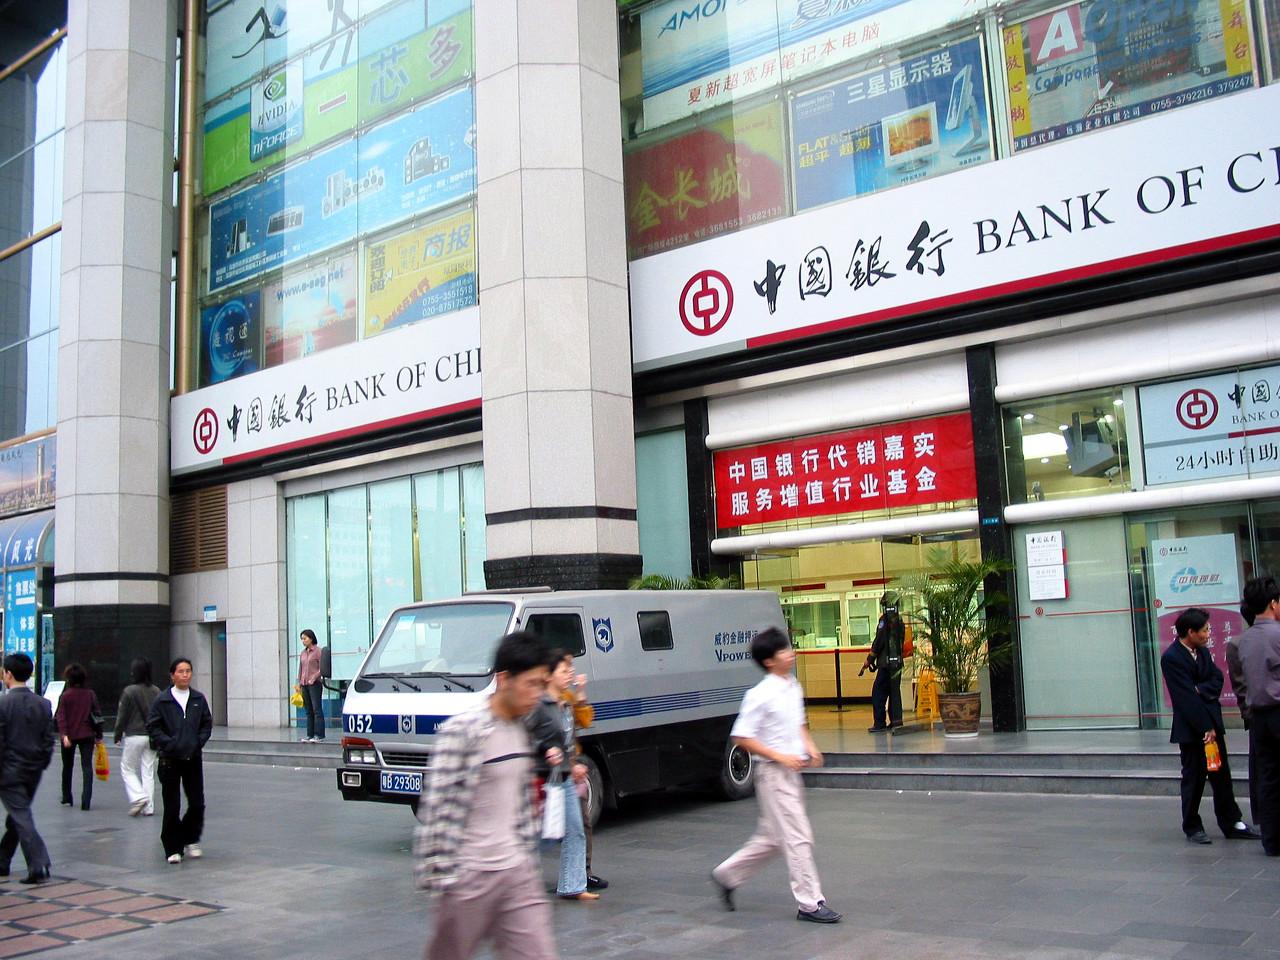 中国银行9月18-19日因系统升级暂停企业网银、企业手机银行服务